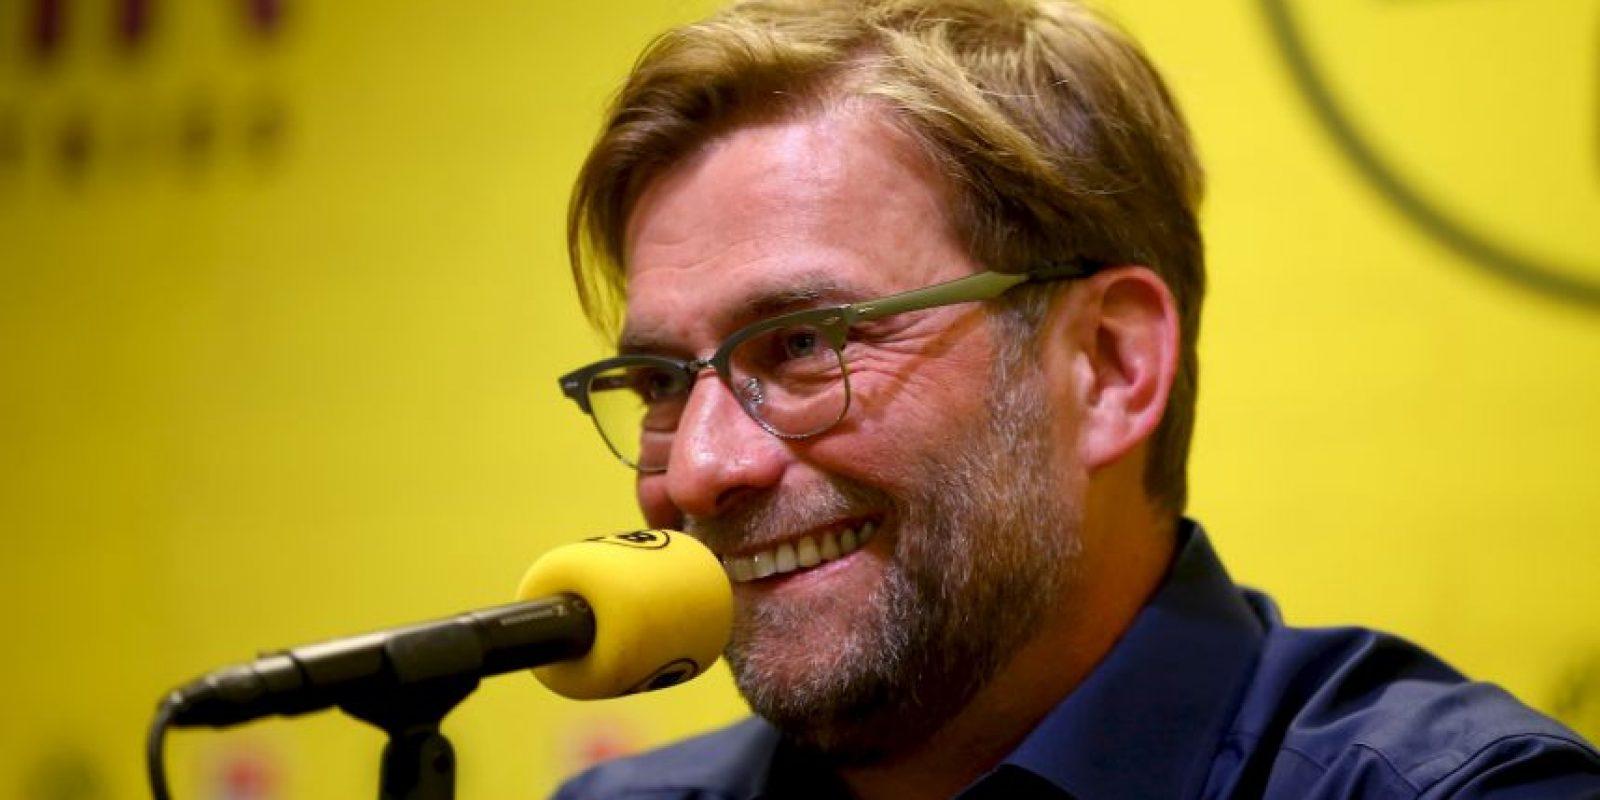 """En conferencia de prensa, el entrenador alemán anunció su decisión la cual fue motivada por que """"ya no es lo mejor para el equipo"""". Foto:Getty Images"""